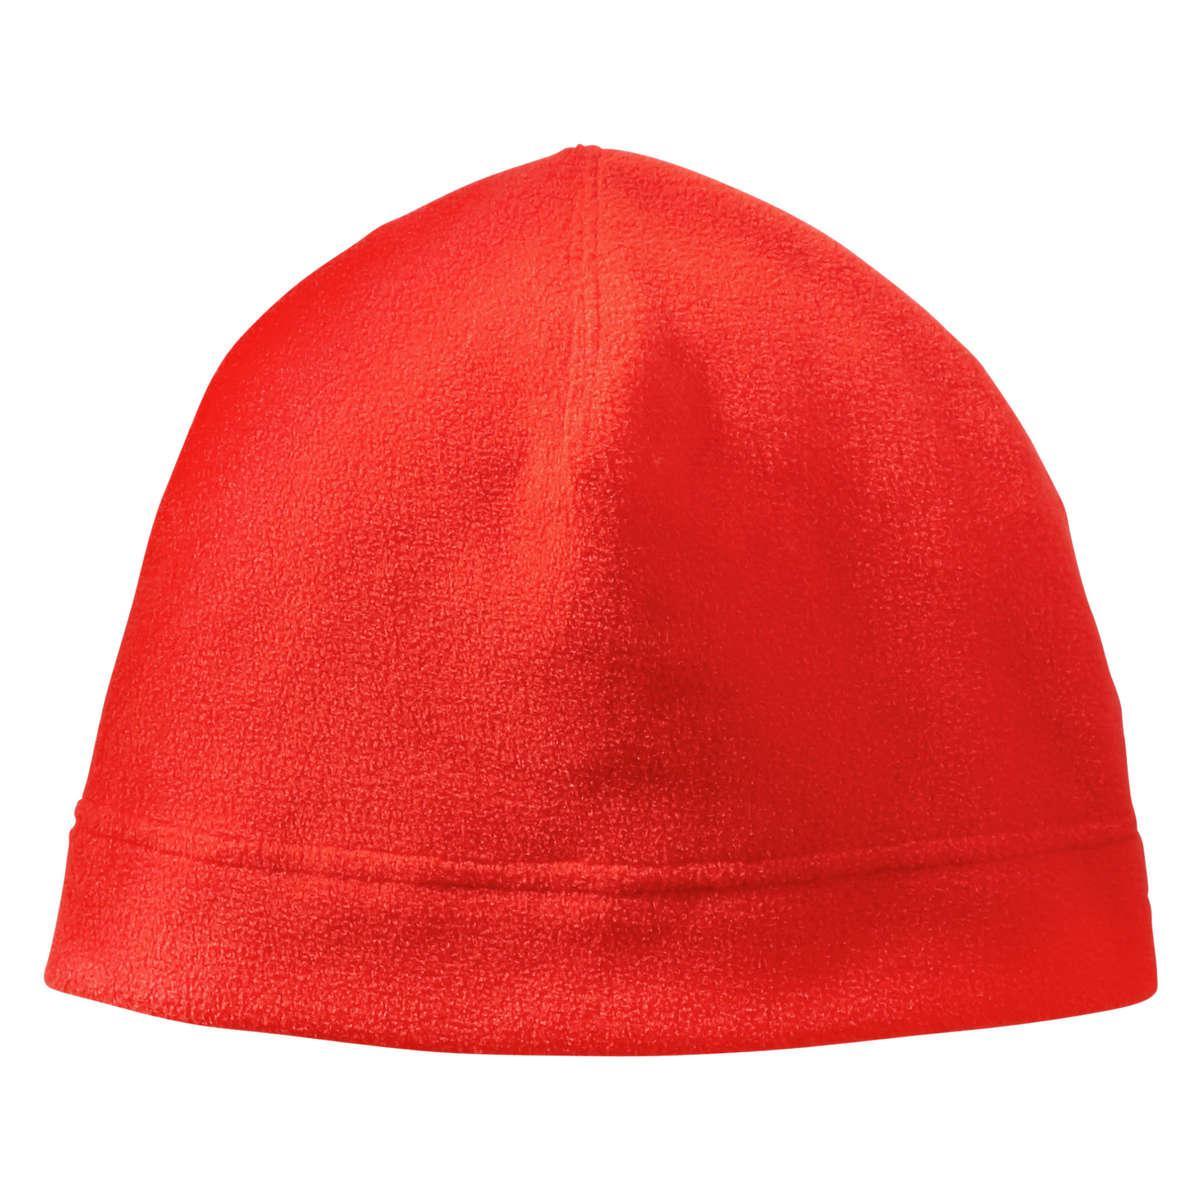 5c322b40e7ccd Lyst - Joe Fresh Fleece Cap in Red